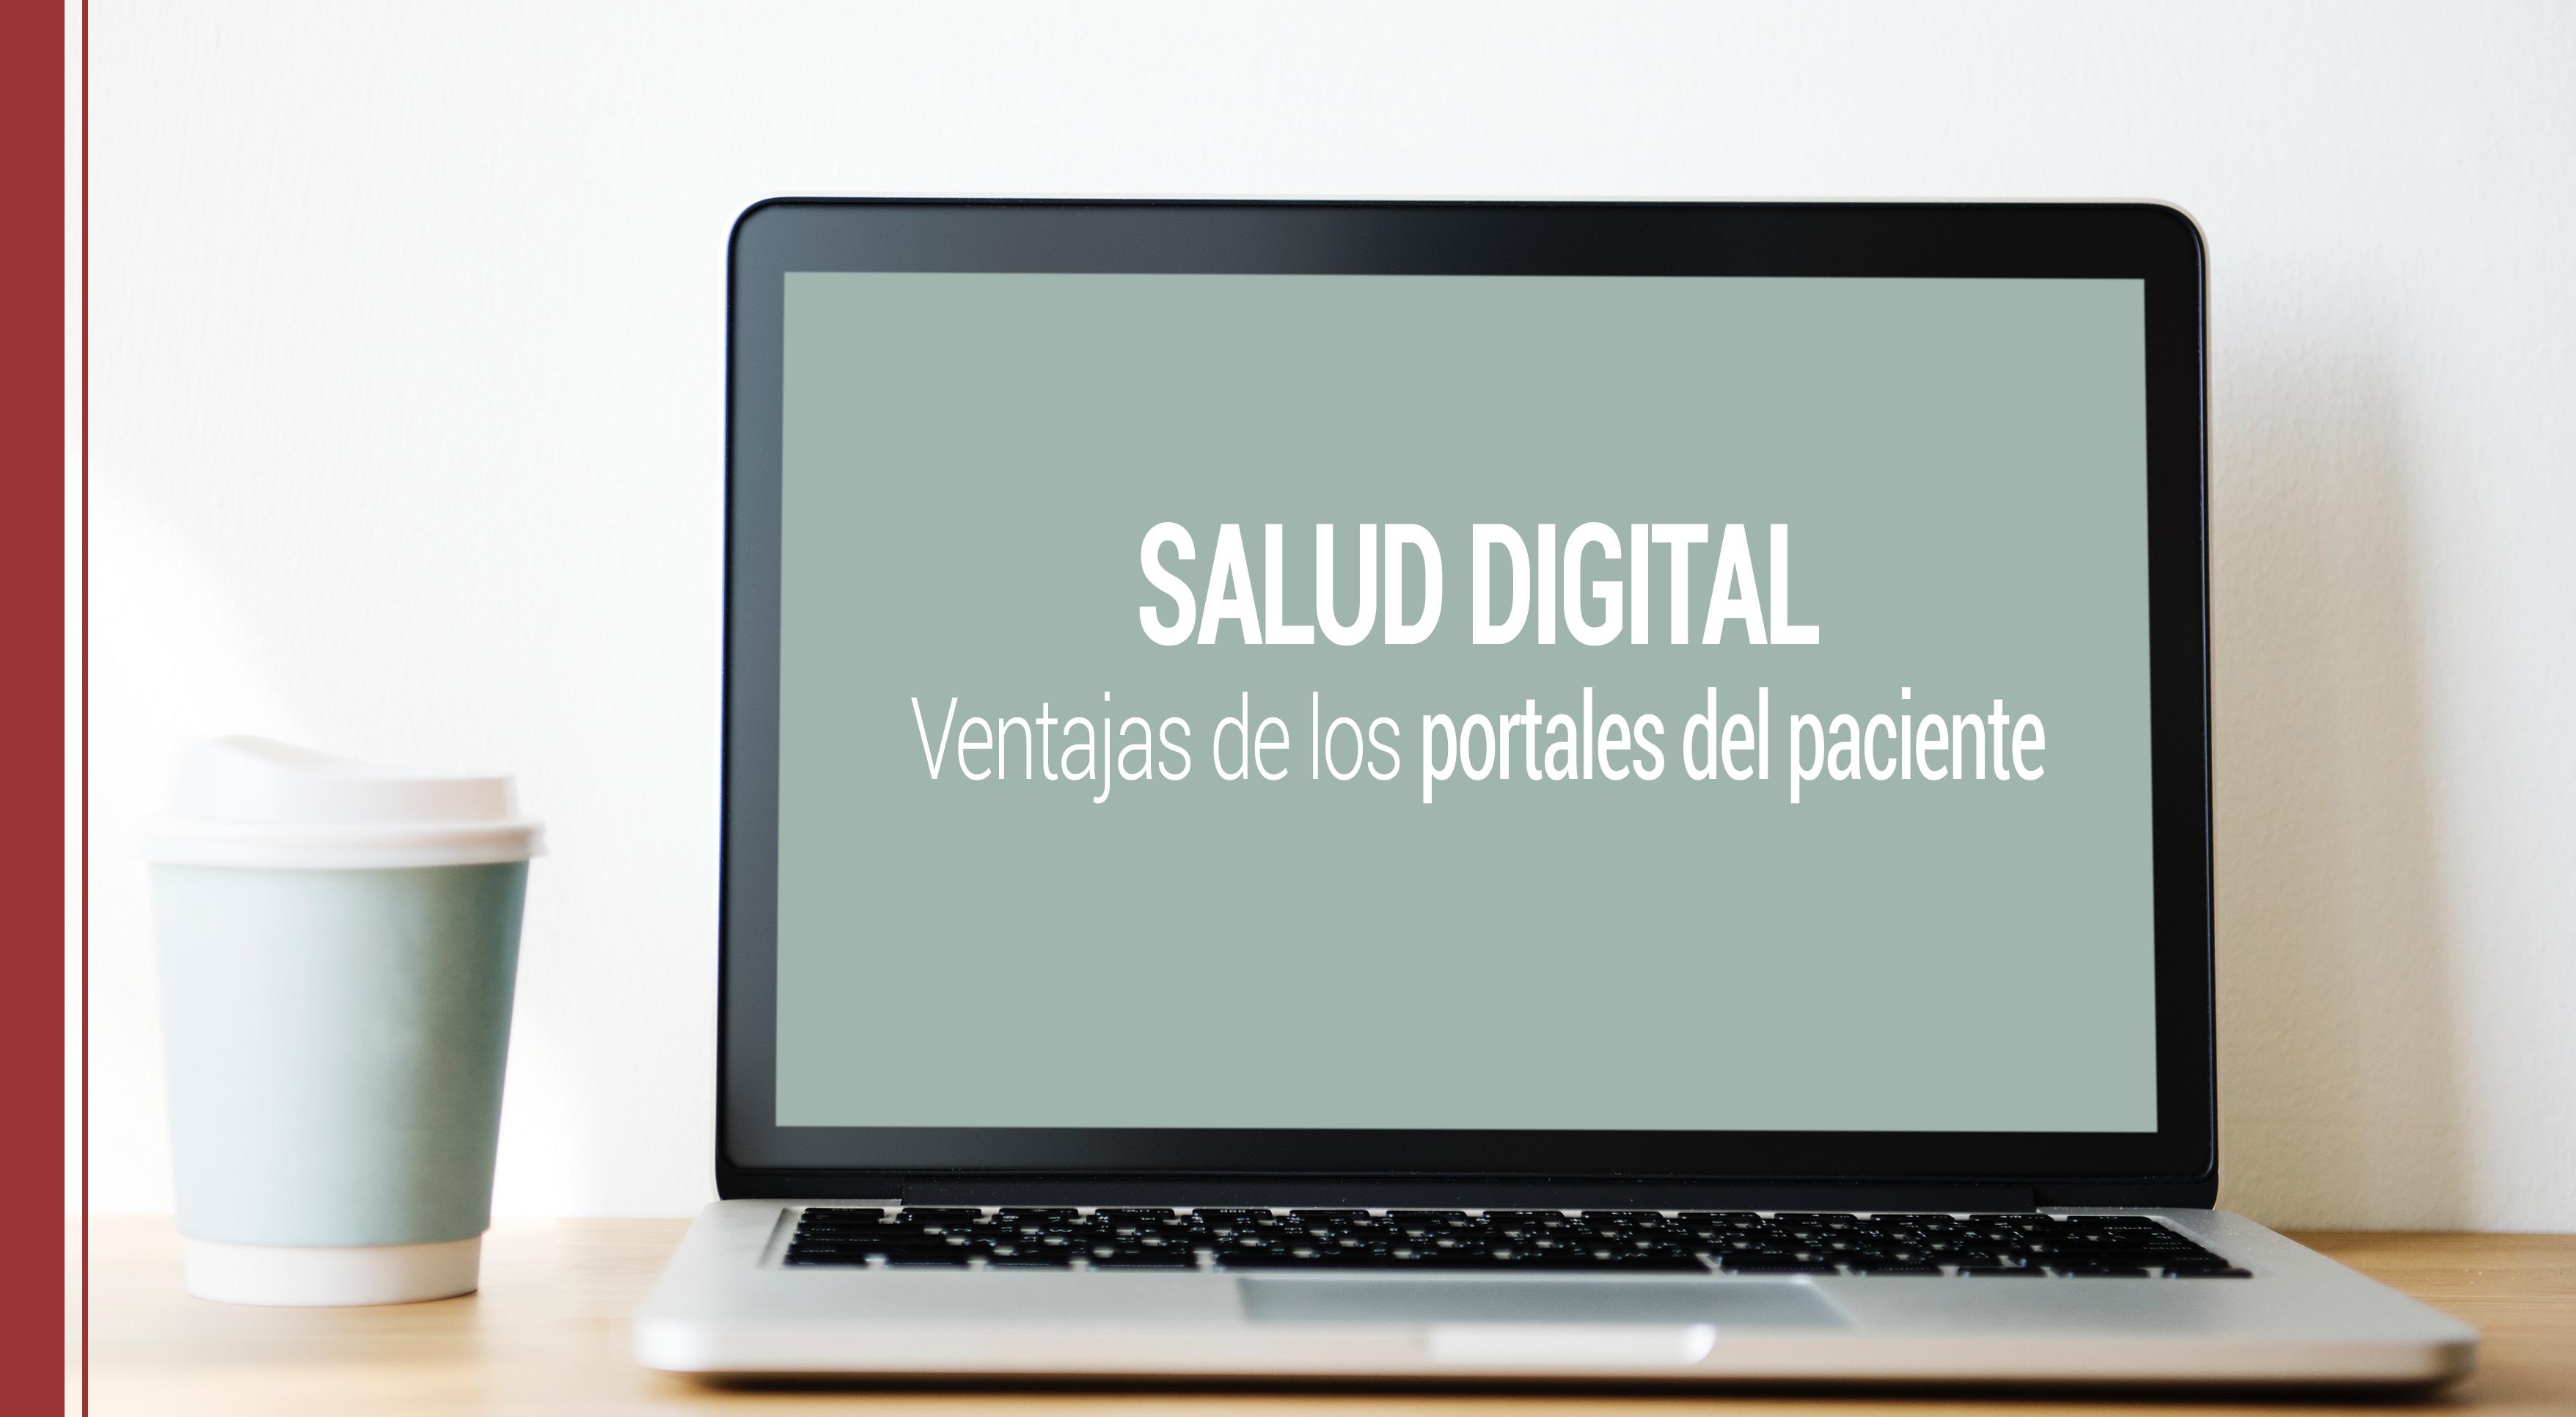 Salud Digital: Ventajas de los portales del paciente